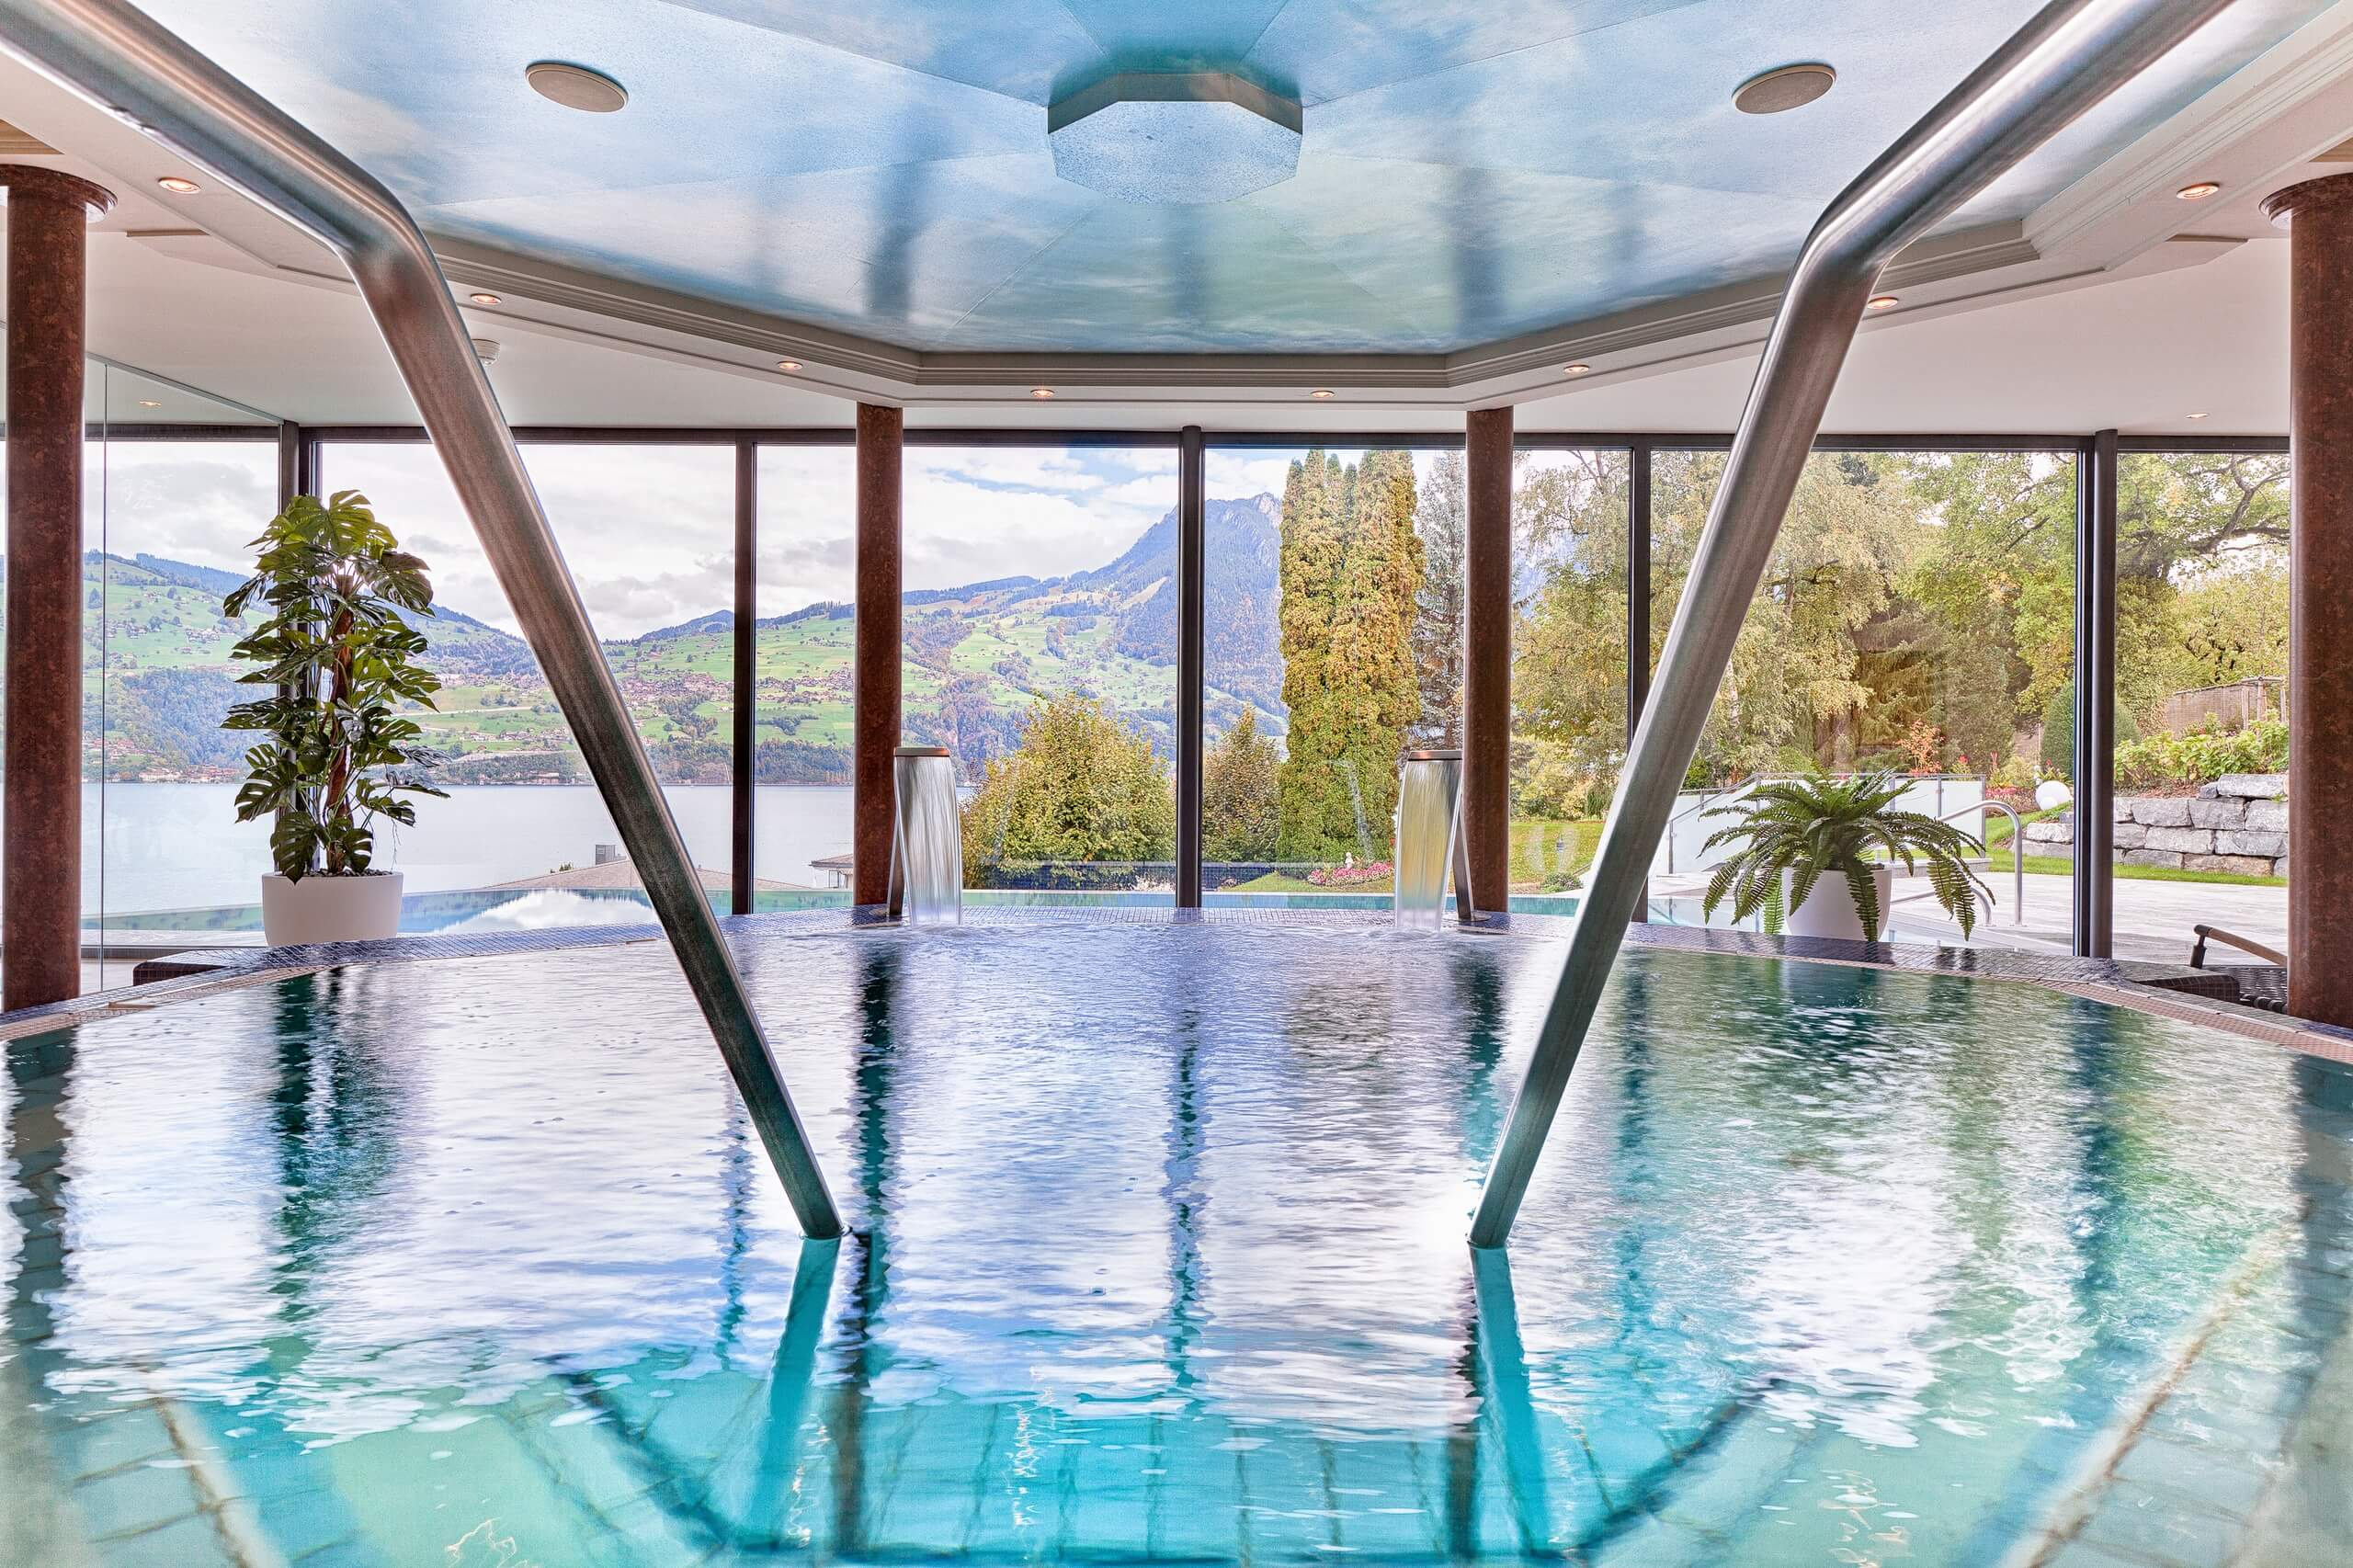 spiez-wellness-oase-bel-well-hotel-belvedere-innenpool